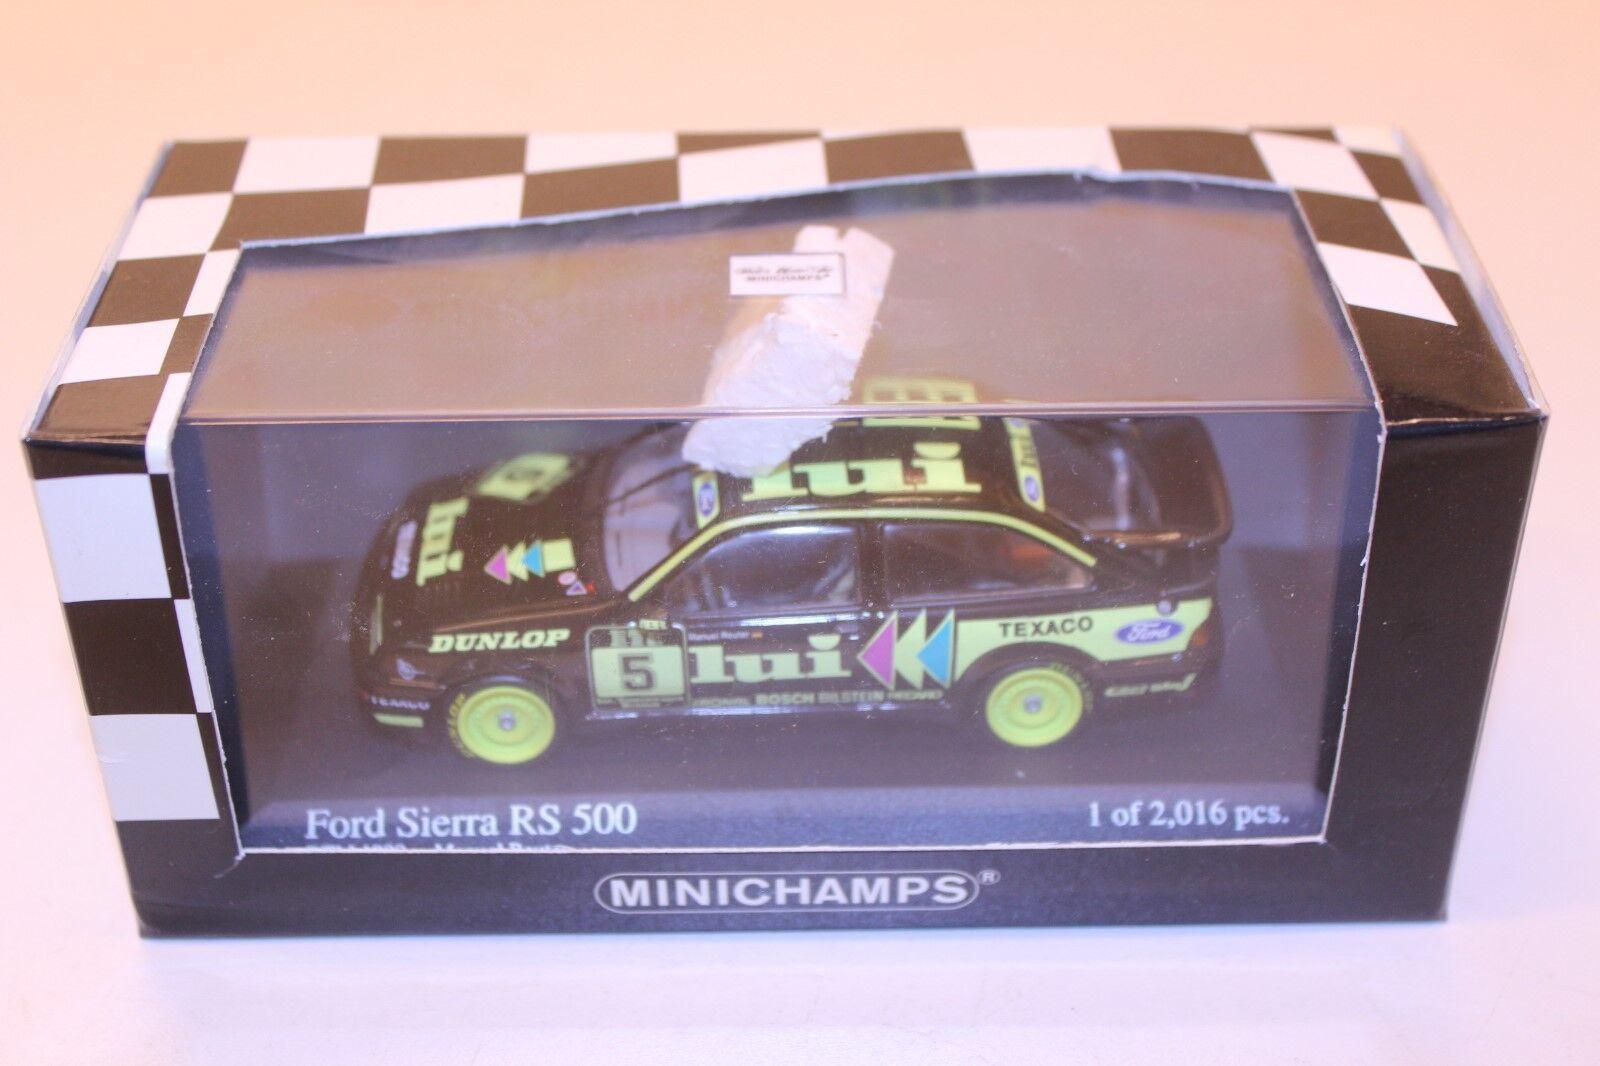 Minichamps Ford Sierra Rs 500 Lui M. Reuter DTM 1988 1 43